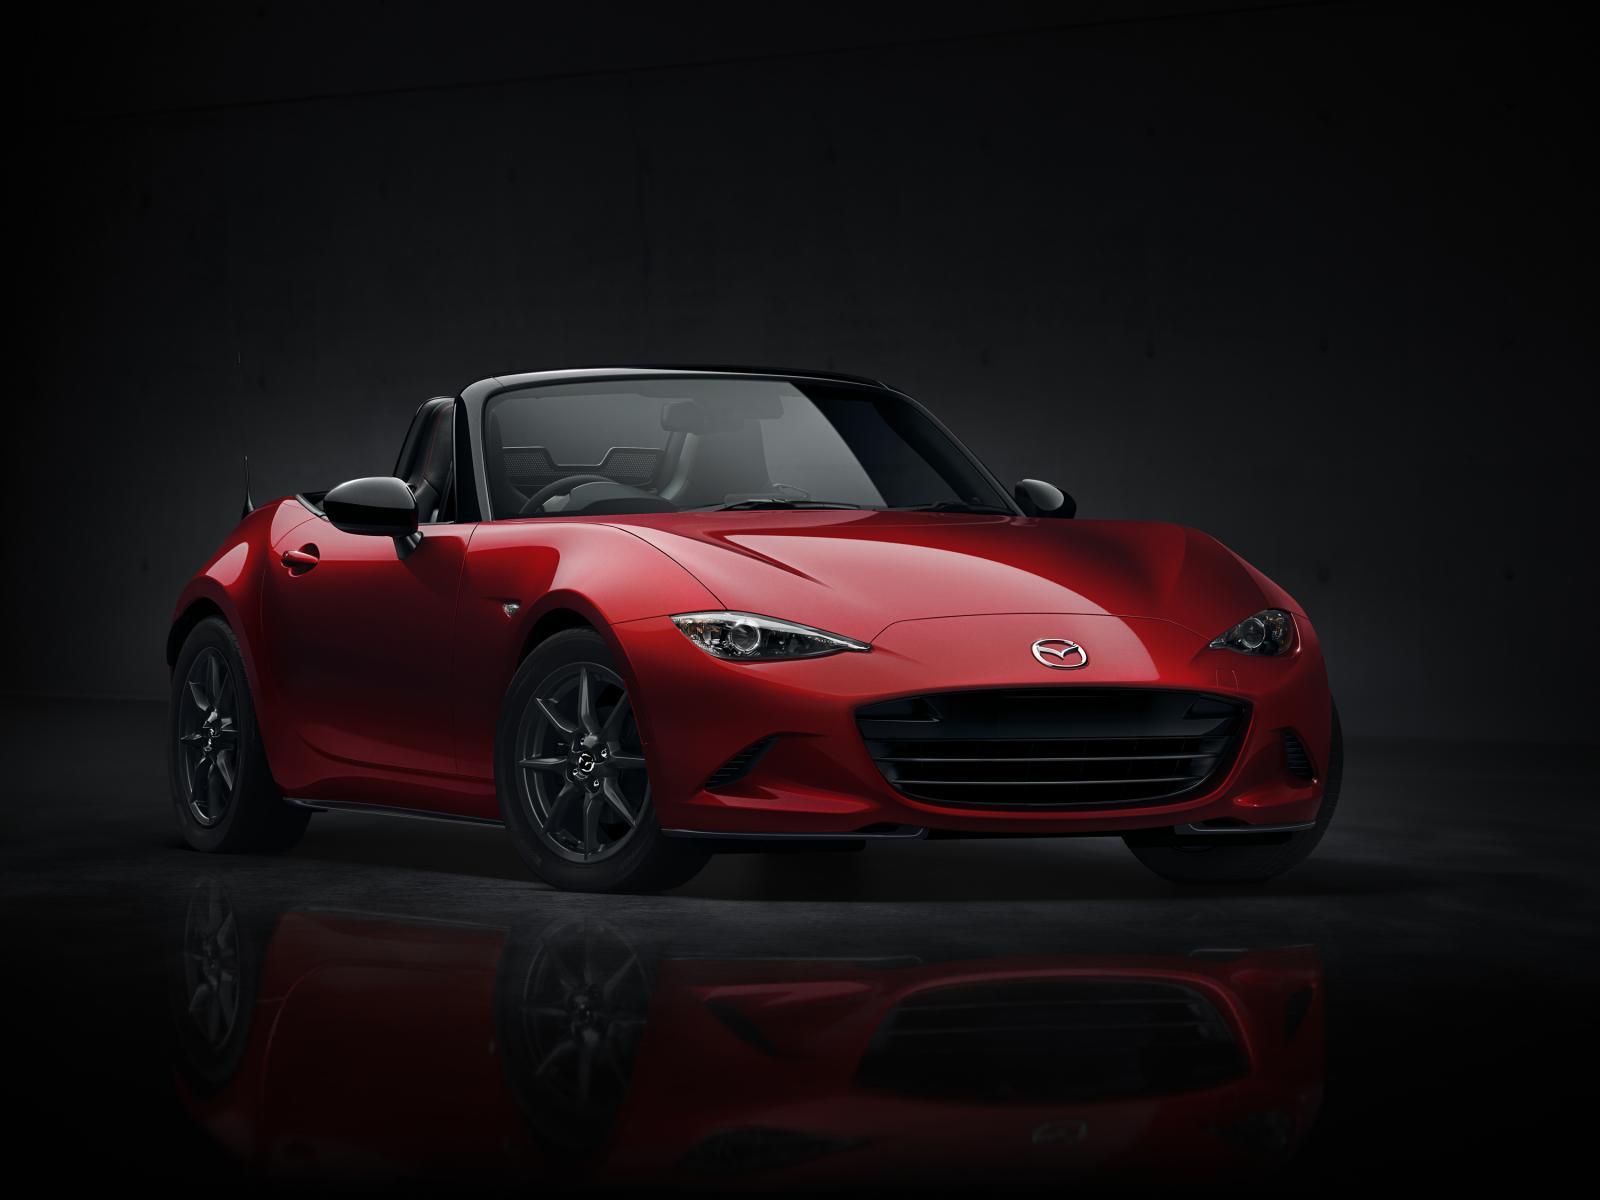 Nuova Mazda MX-5: scheda tecnica e motori